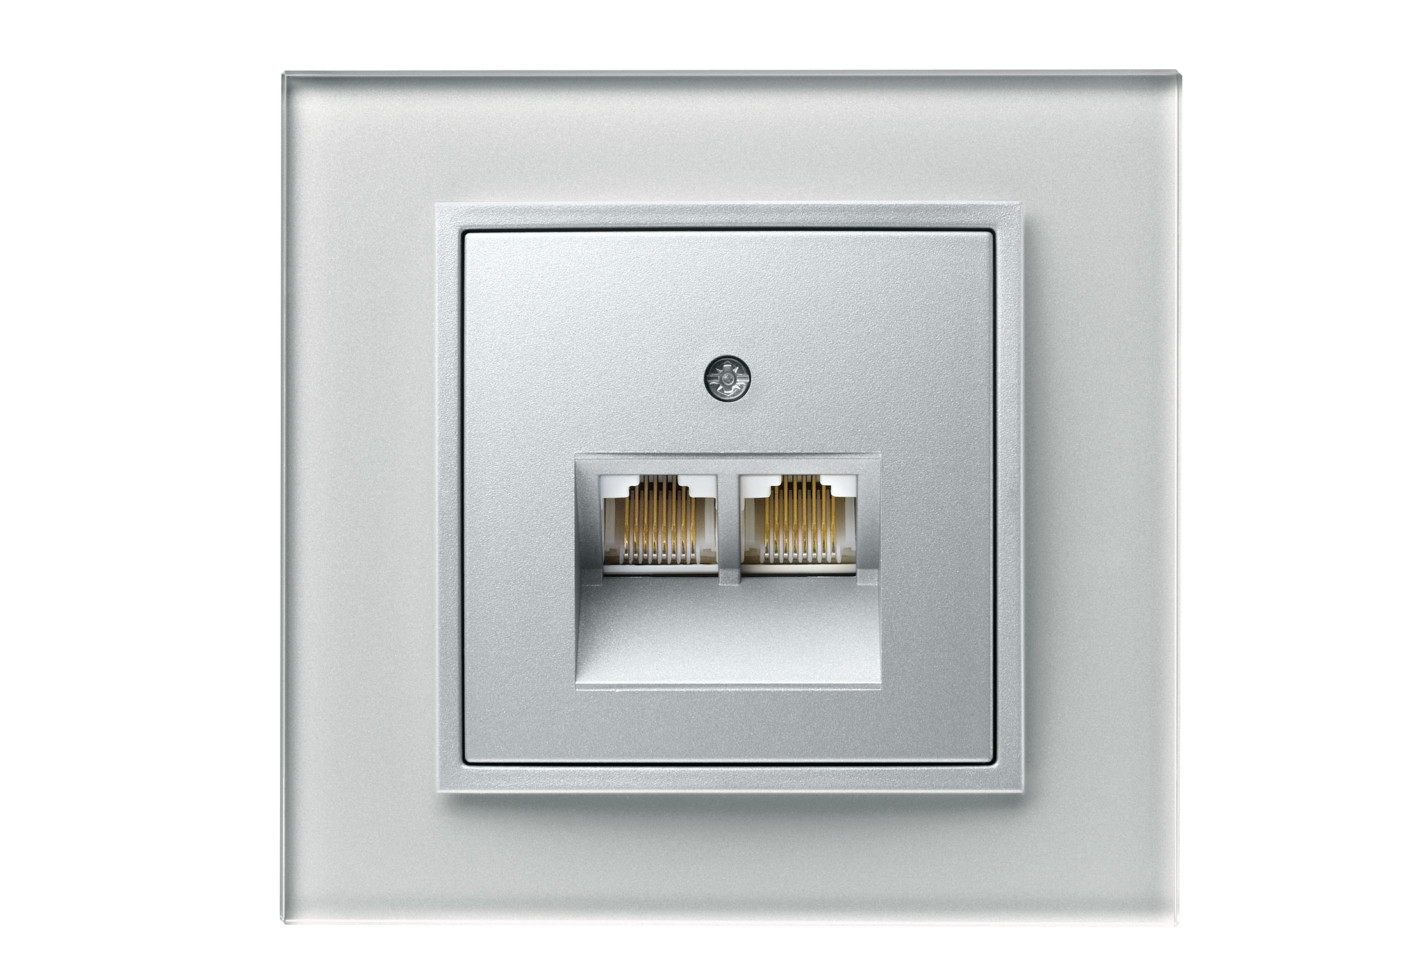 B 7 GLAS RJ45 socket by Berker